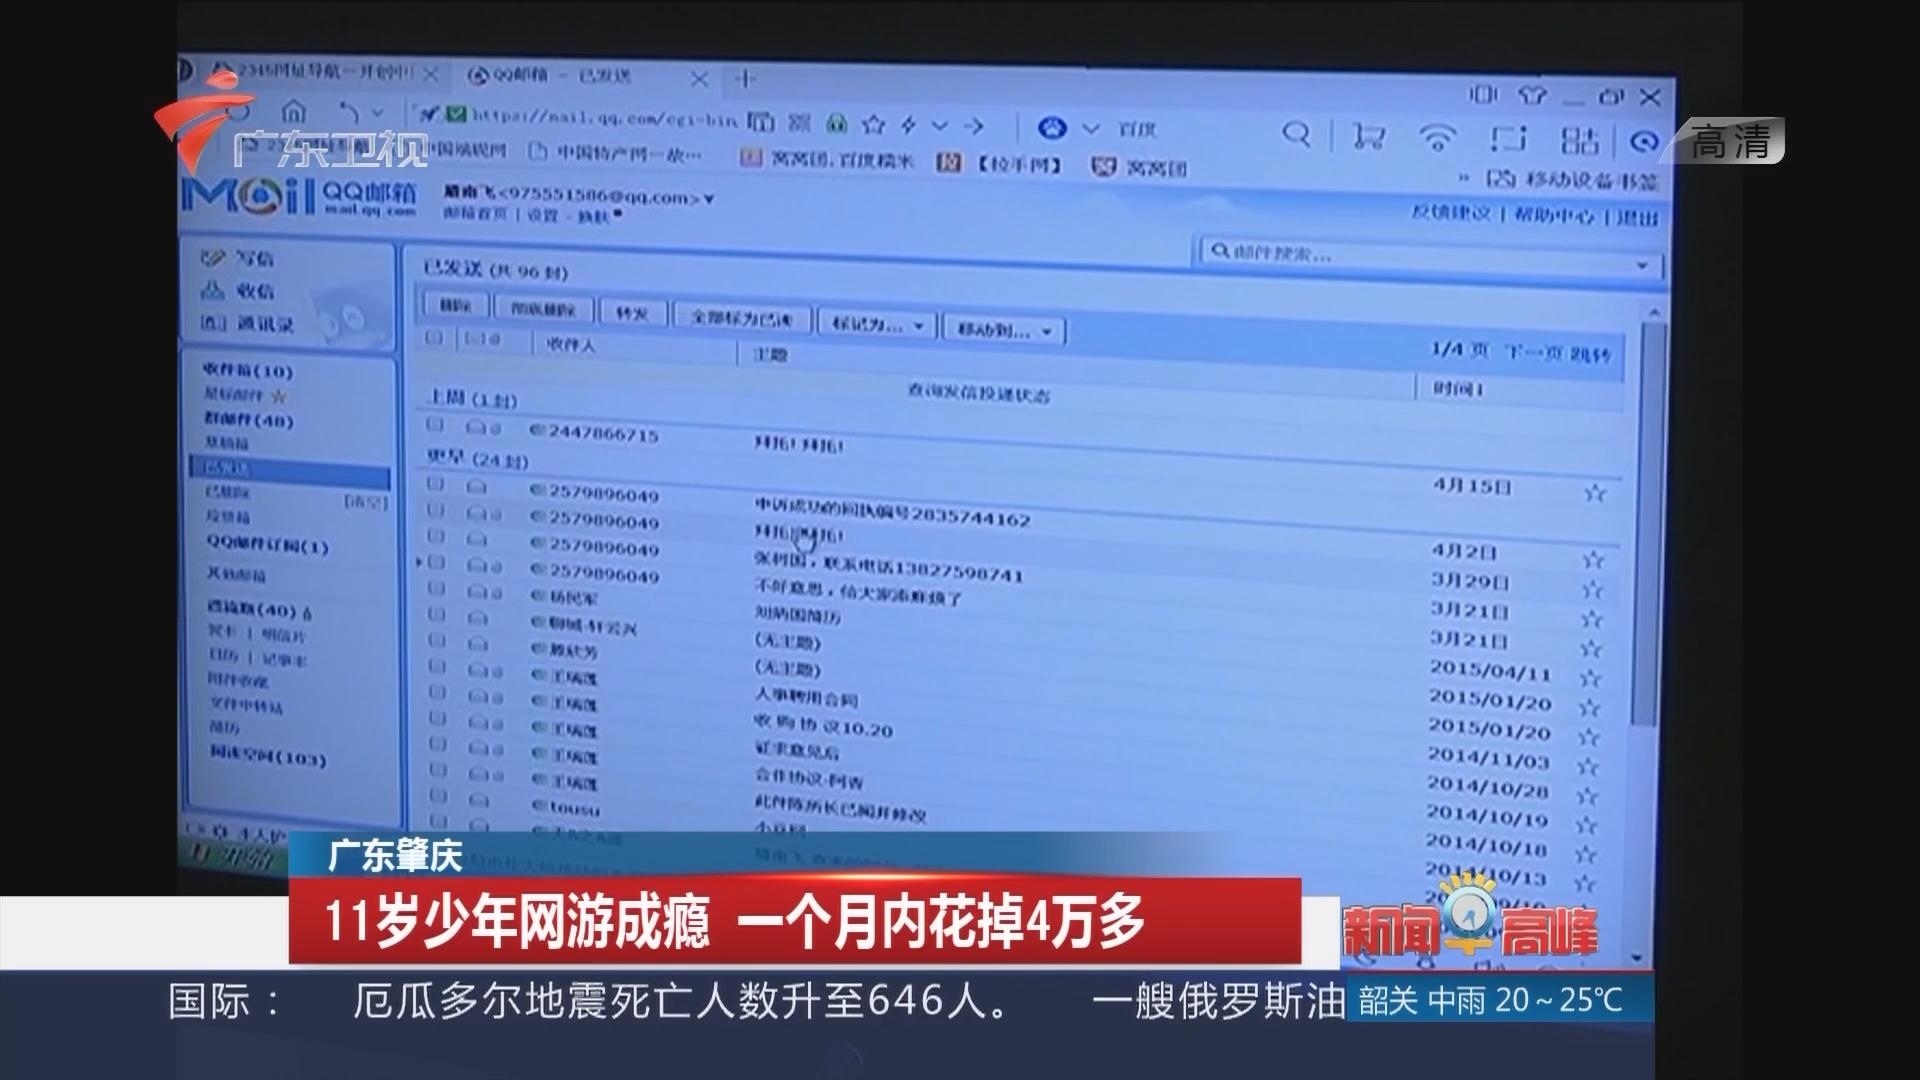 广东肇庆:11岁少年网游成瘾 一个月内花掉4万多